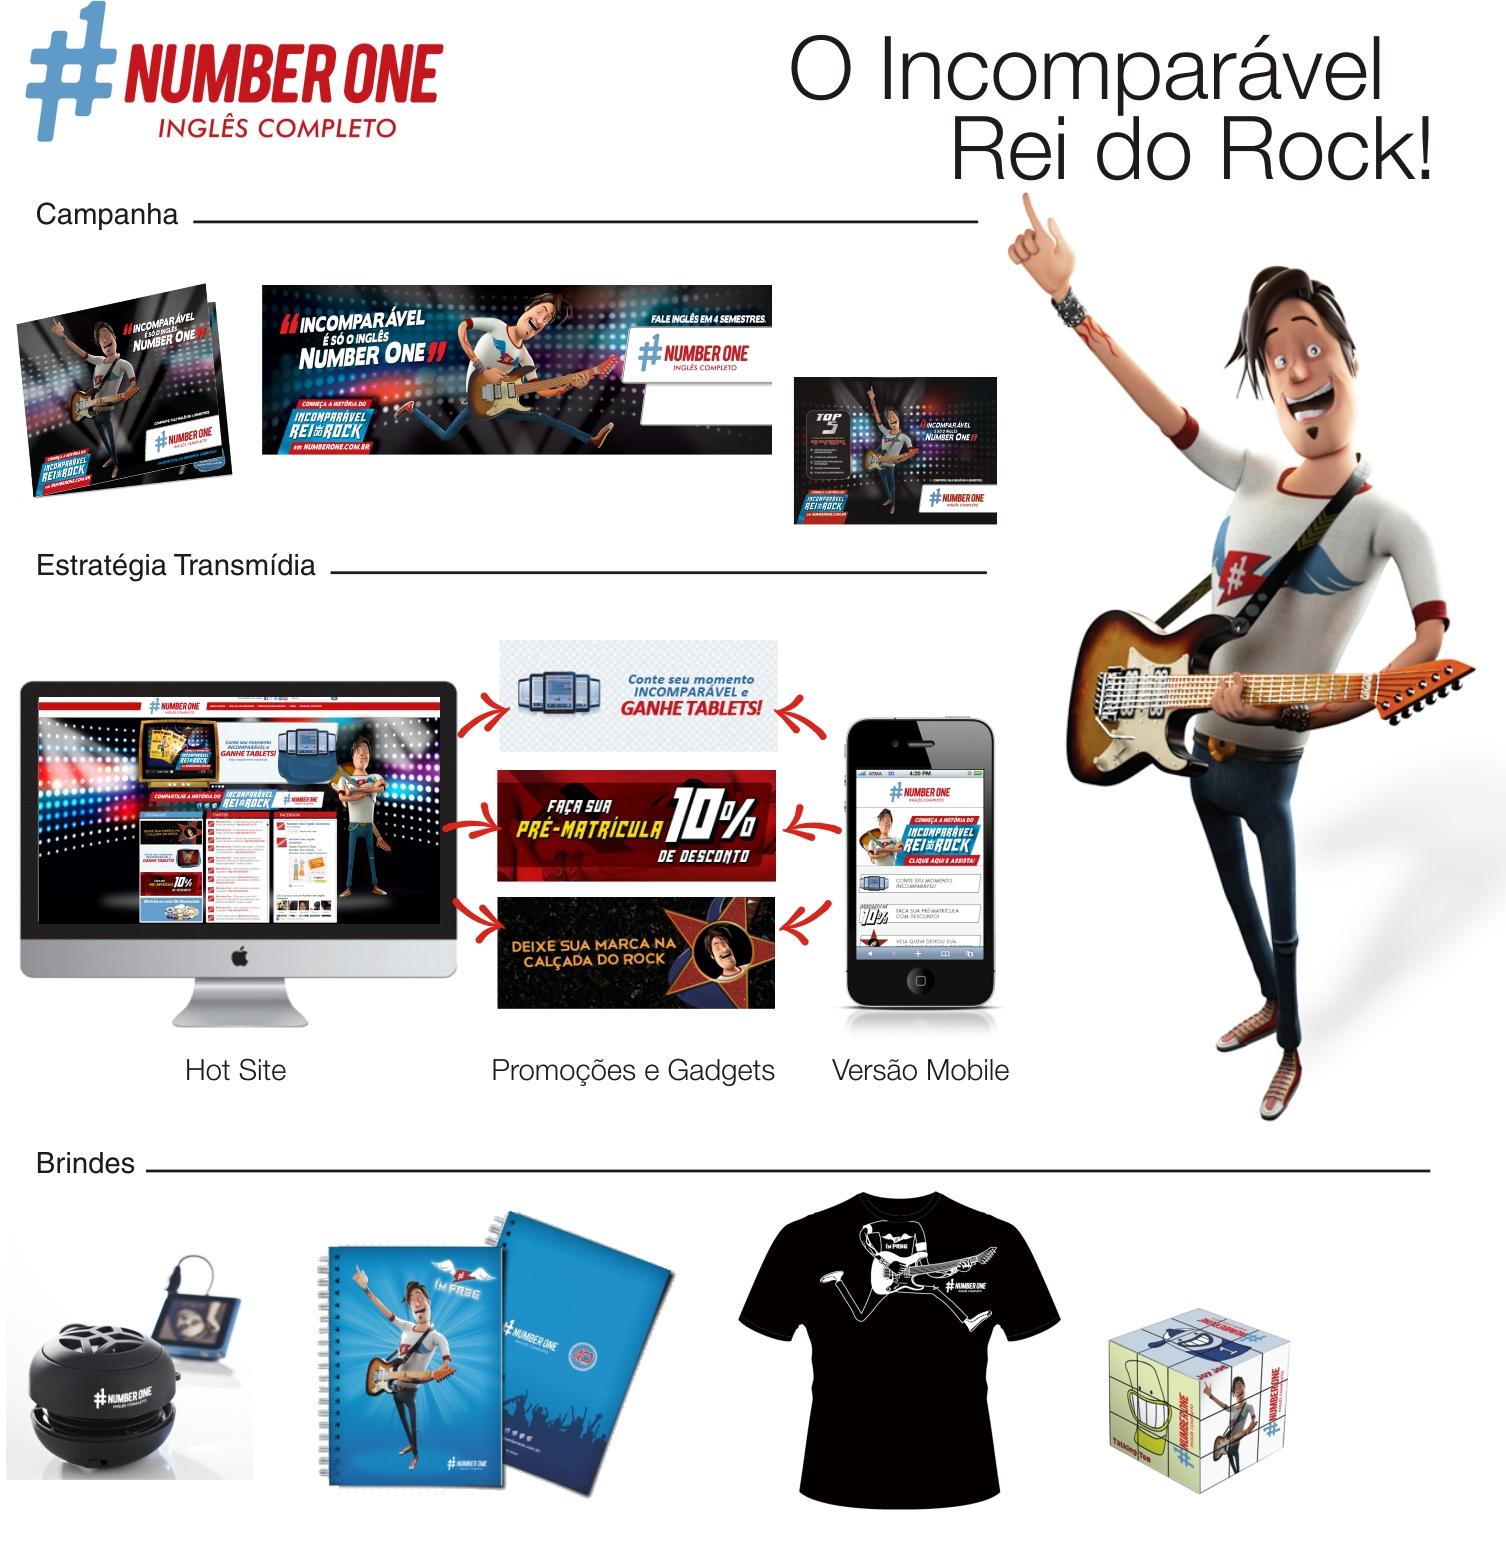 31a777253 Além do VT, a campanha conta com peças on e offline para utilização das  mais de 150 franquias Number One espalhadas pelo Brasil e com mecanismos  transmídia ...